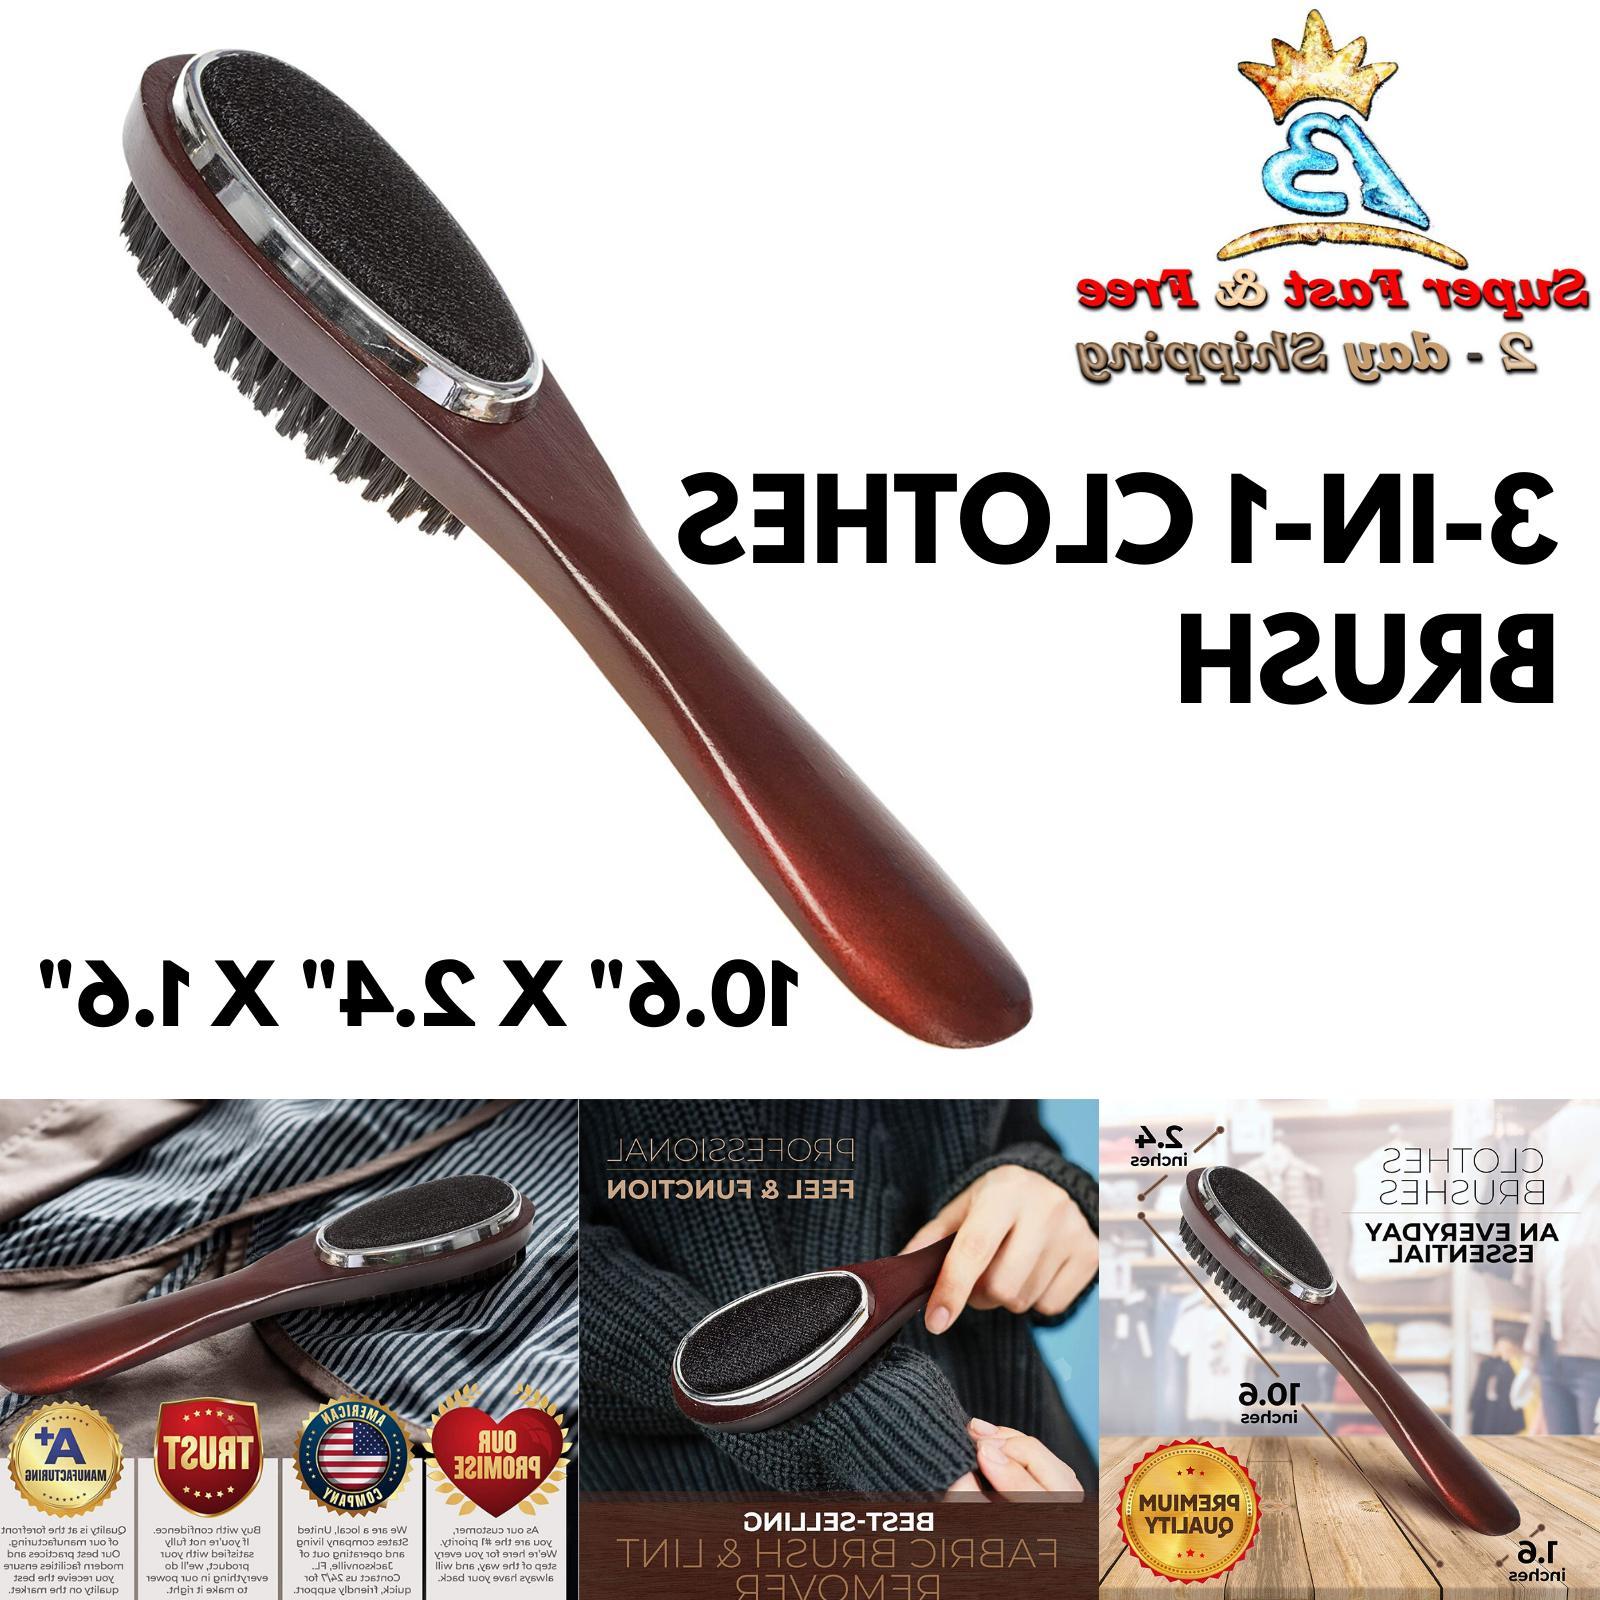 lint brush clothes suit shoe horn brush